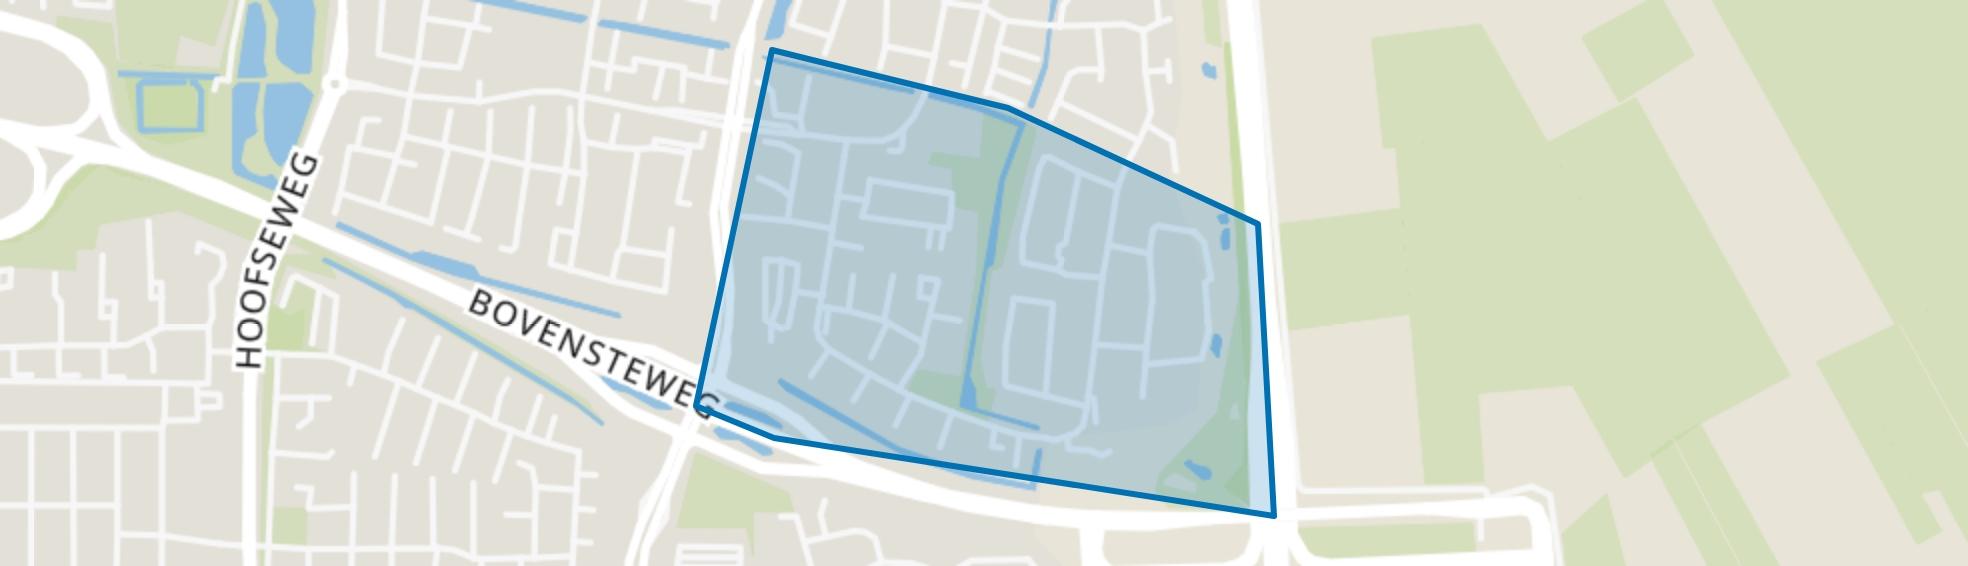 Kruidenbuurt, Oosterhout (NB) map